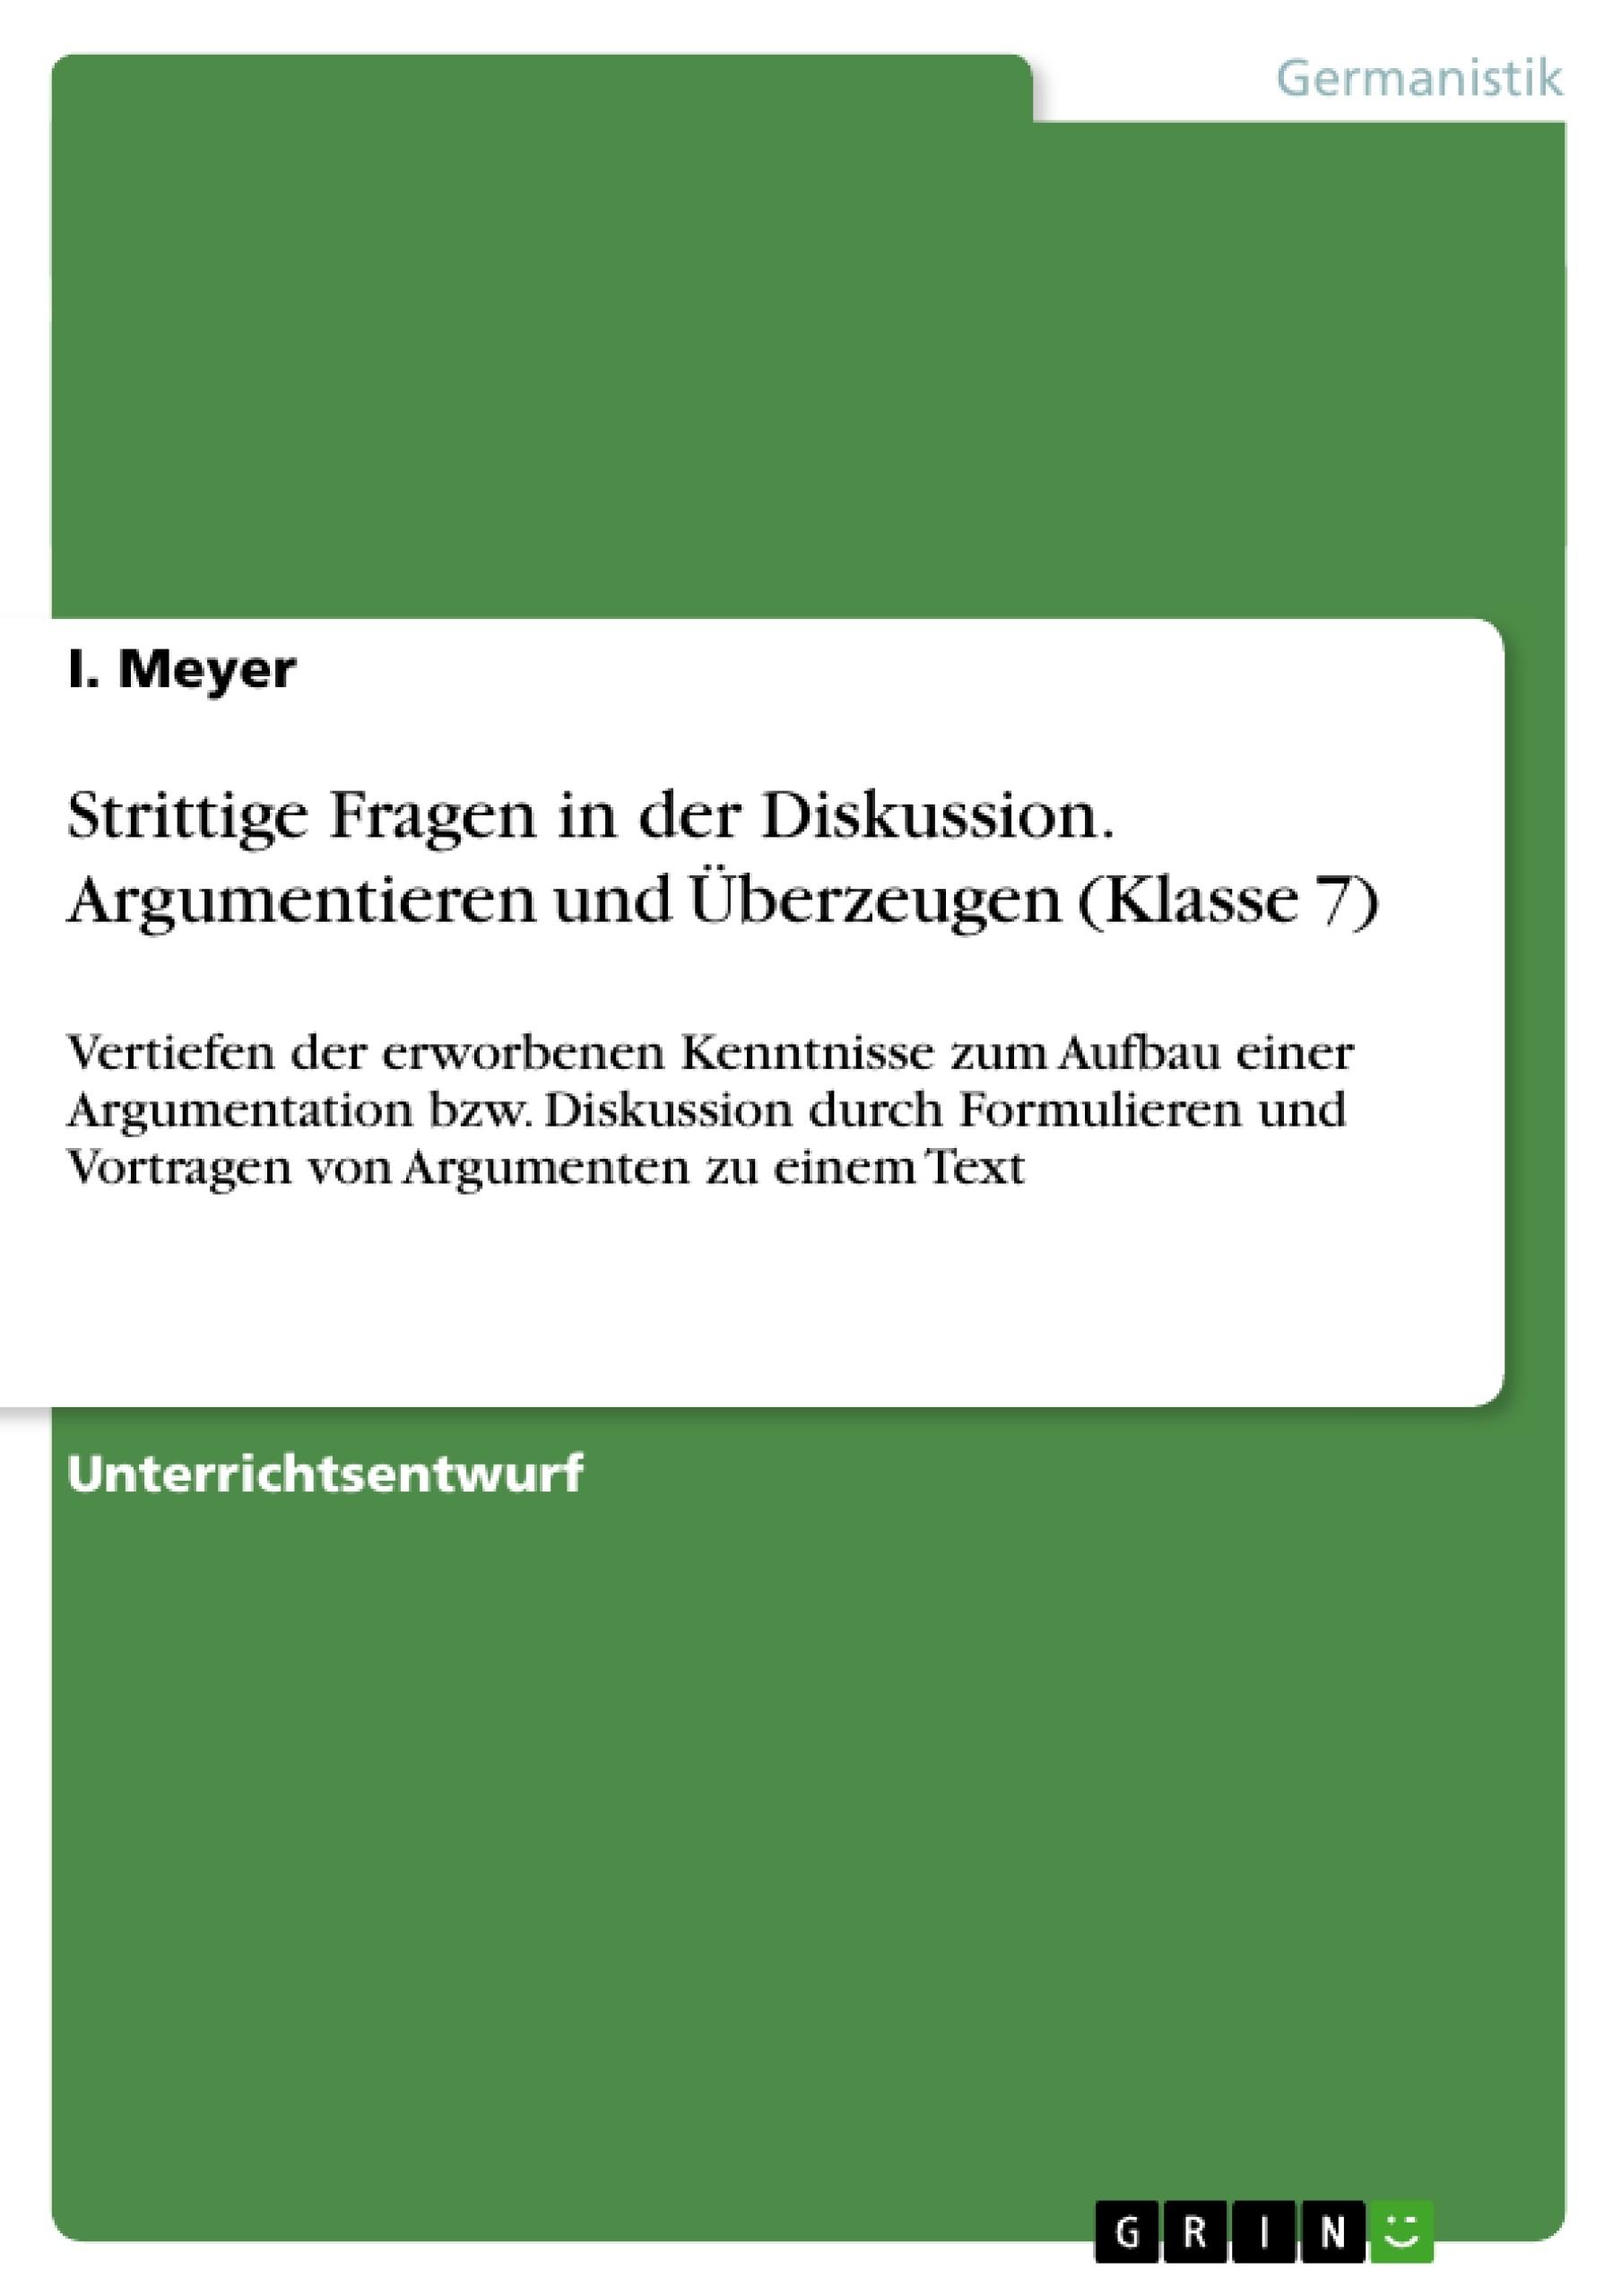 Titel: Strittige Fragen in der Diskussion. Argumentieren und Überzeugen (Klasse 7)